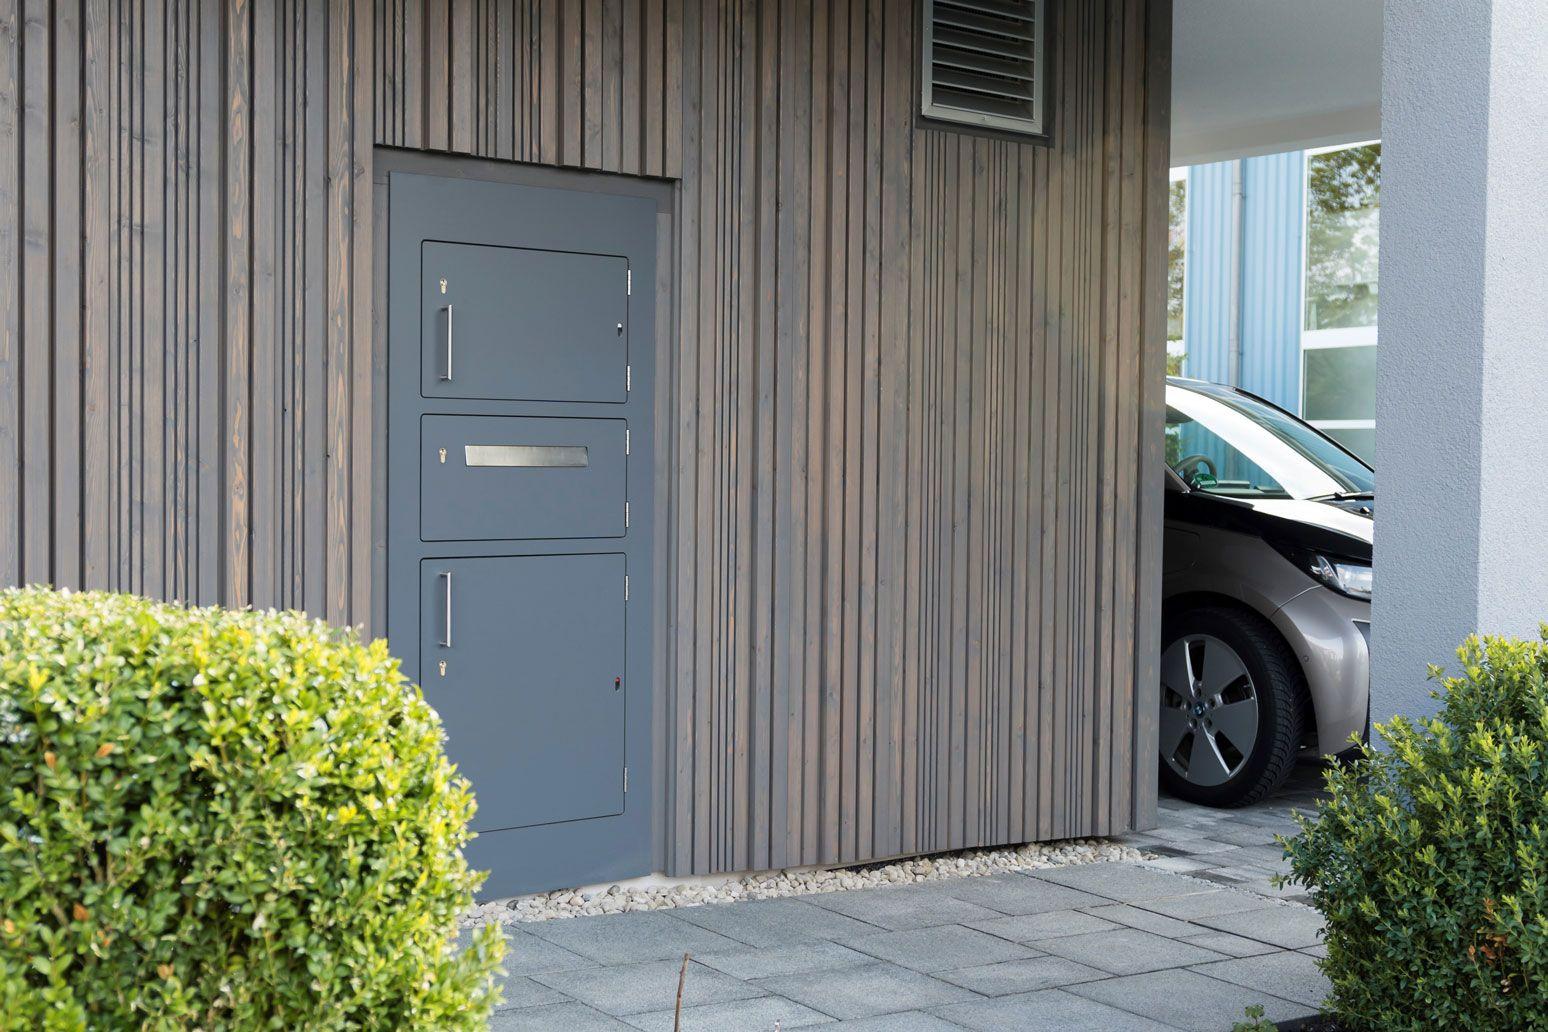 Erstaunlich Mypaketkasten Dekoration Von Paketkasten Zum Einbauen In Eine Wand Oder